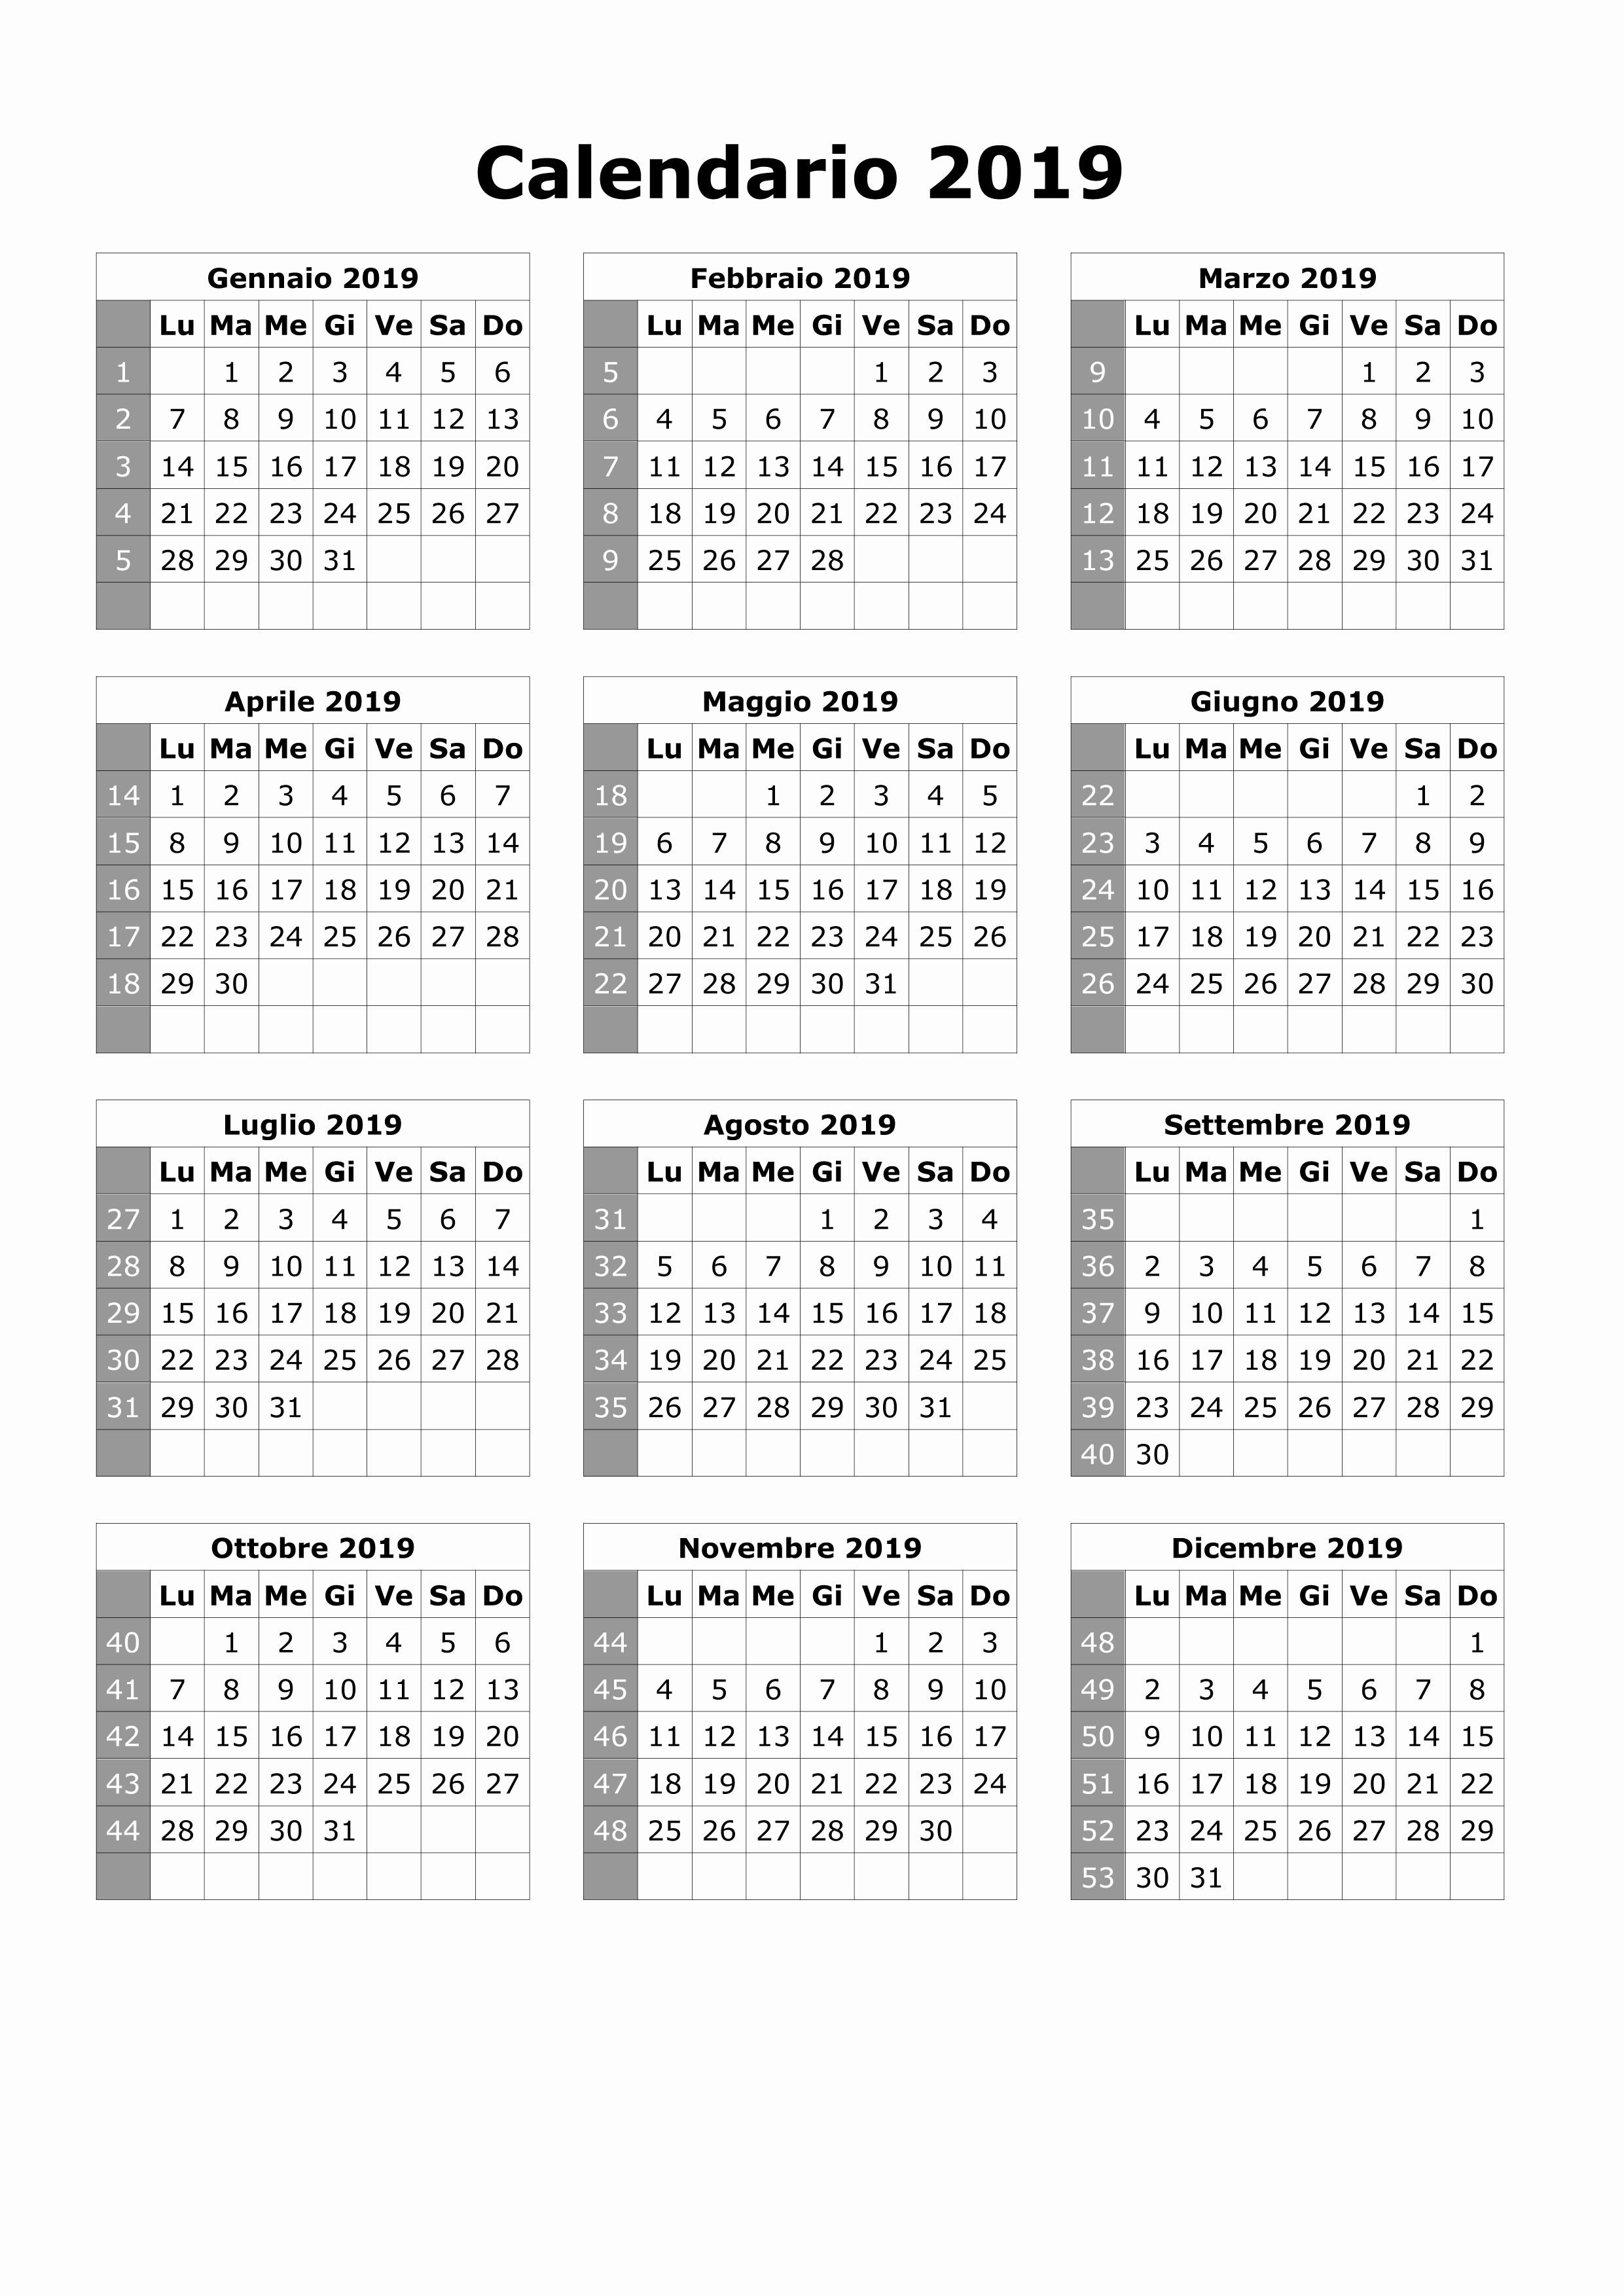 Calendario Febrero 2019 Minimalista Recientes Tutticonfetti Calendario 2019 Calendario 2018 Mas De 150 Plantillas Of Calendario Febrero 2019 Minimalista Recientes Calendario De Ejercicios En Casa 2019 Calendario Escolar 2018 19